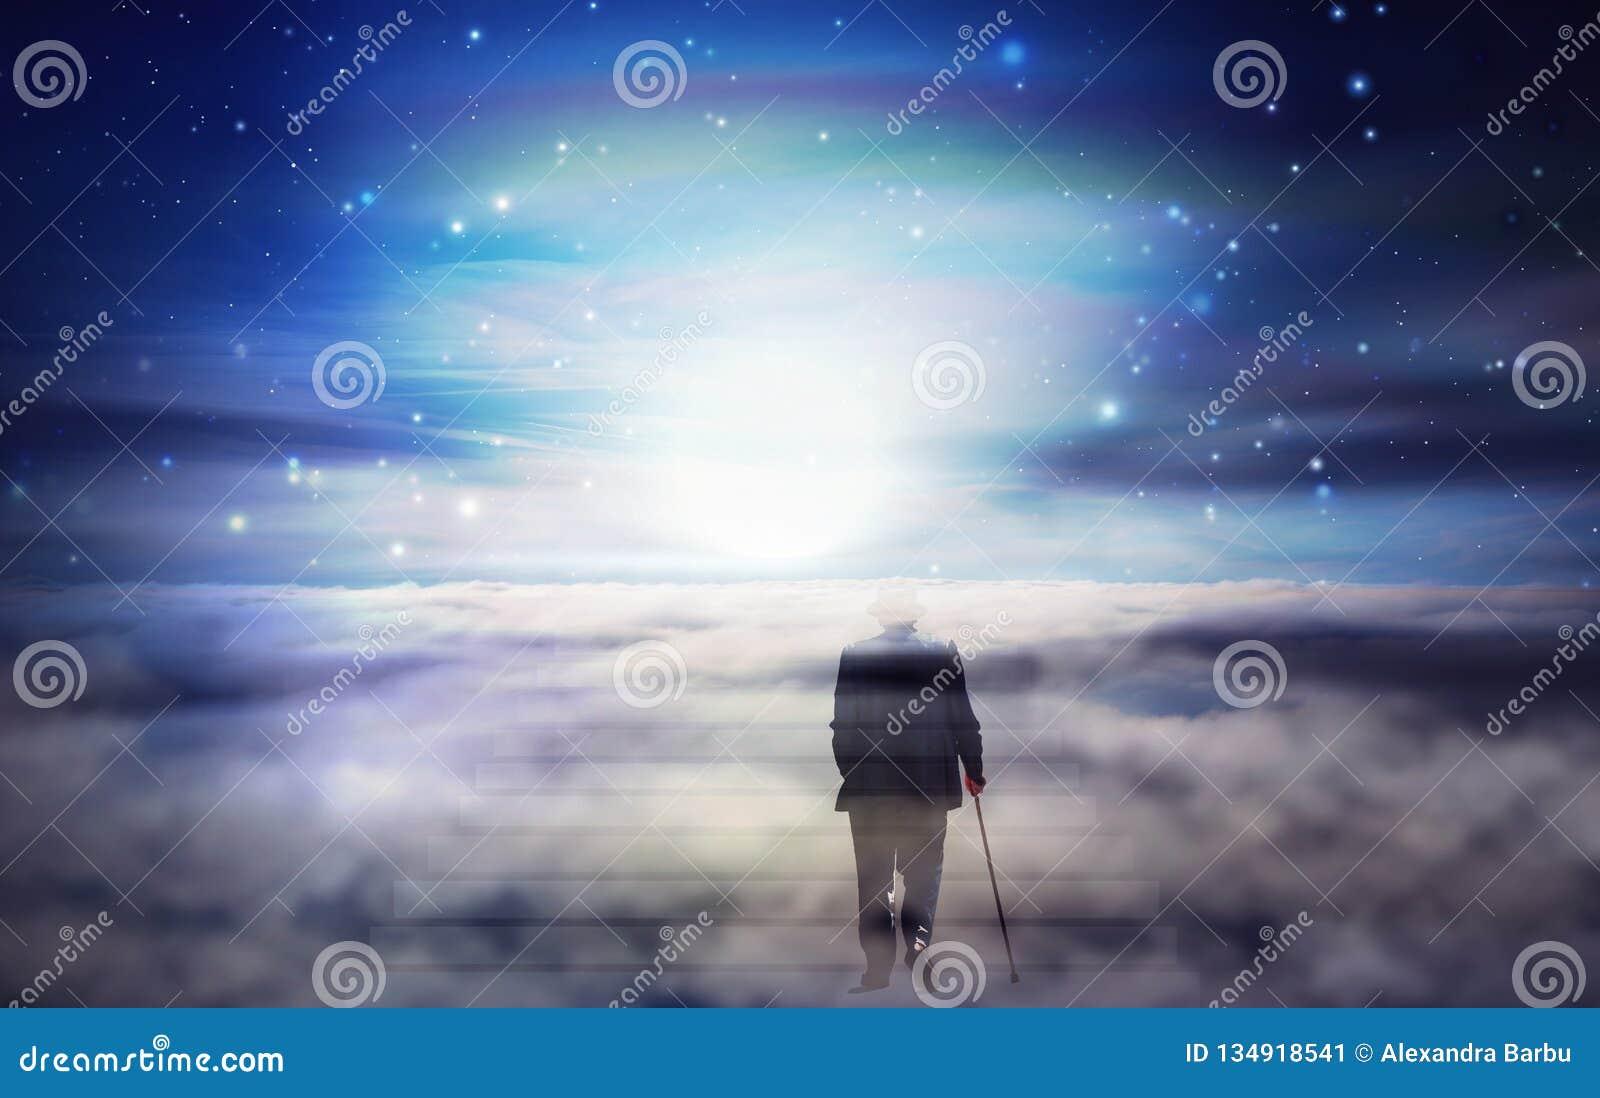 Viaje del alma del viejo hombre, luz brillante del cielo, manera a dios